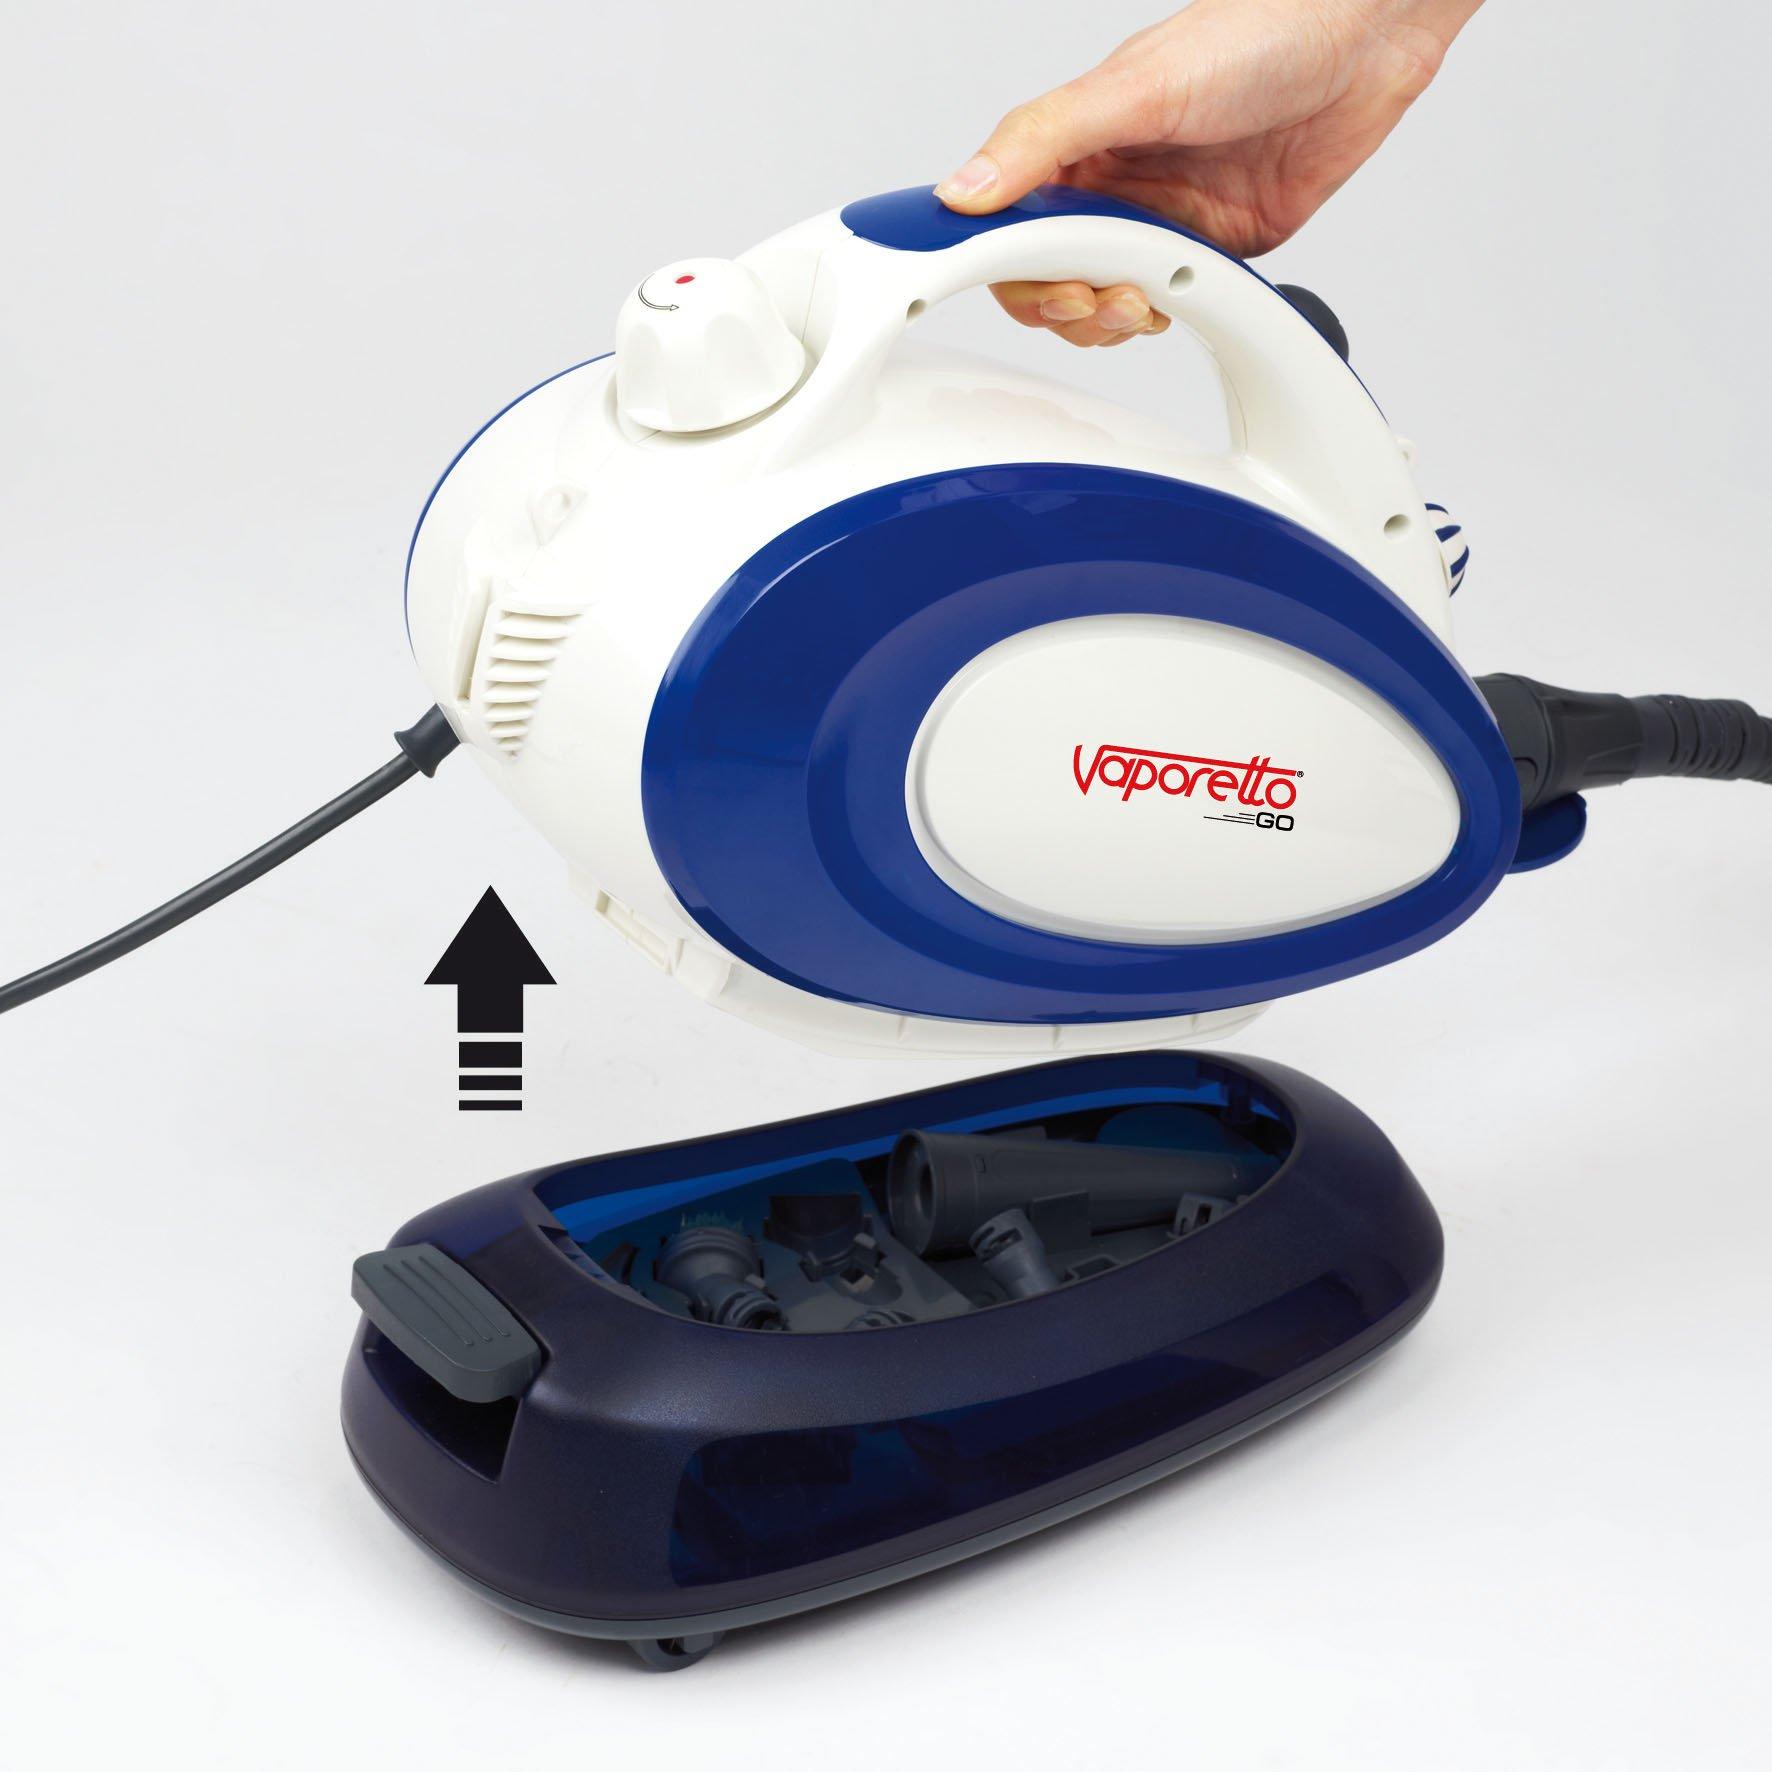 Polti vaporetto go steam cleaner 3 5 bar ebay for Polti vaporetto 2400